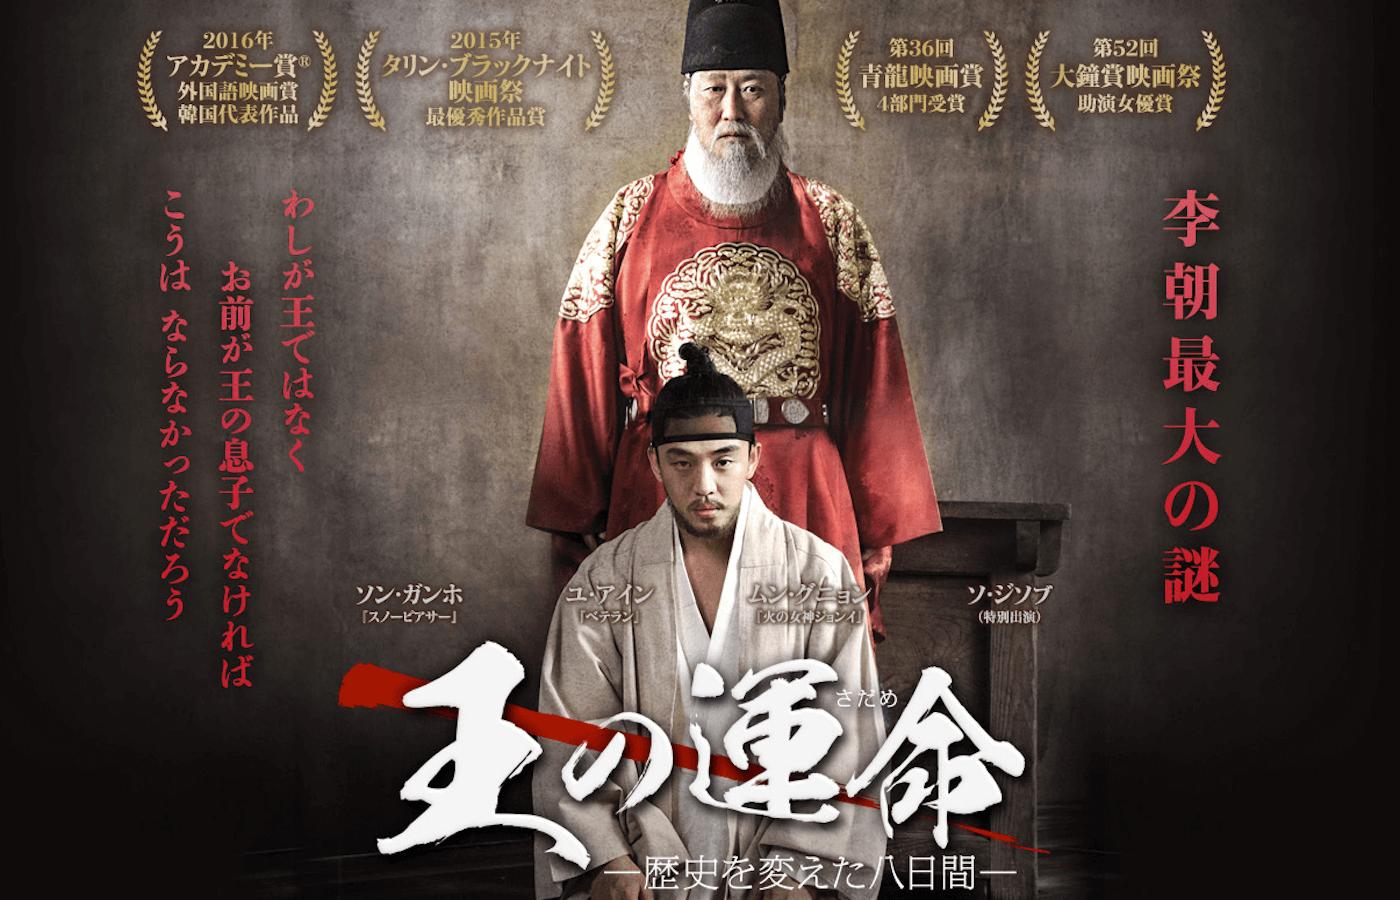 映画『王の運命 -歴史を変えた八日間-』レビュー